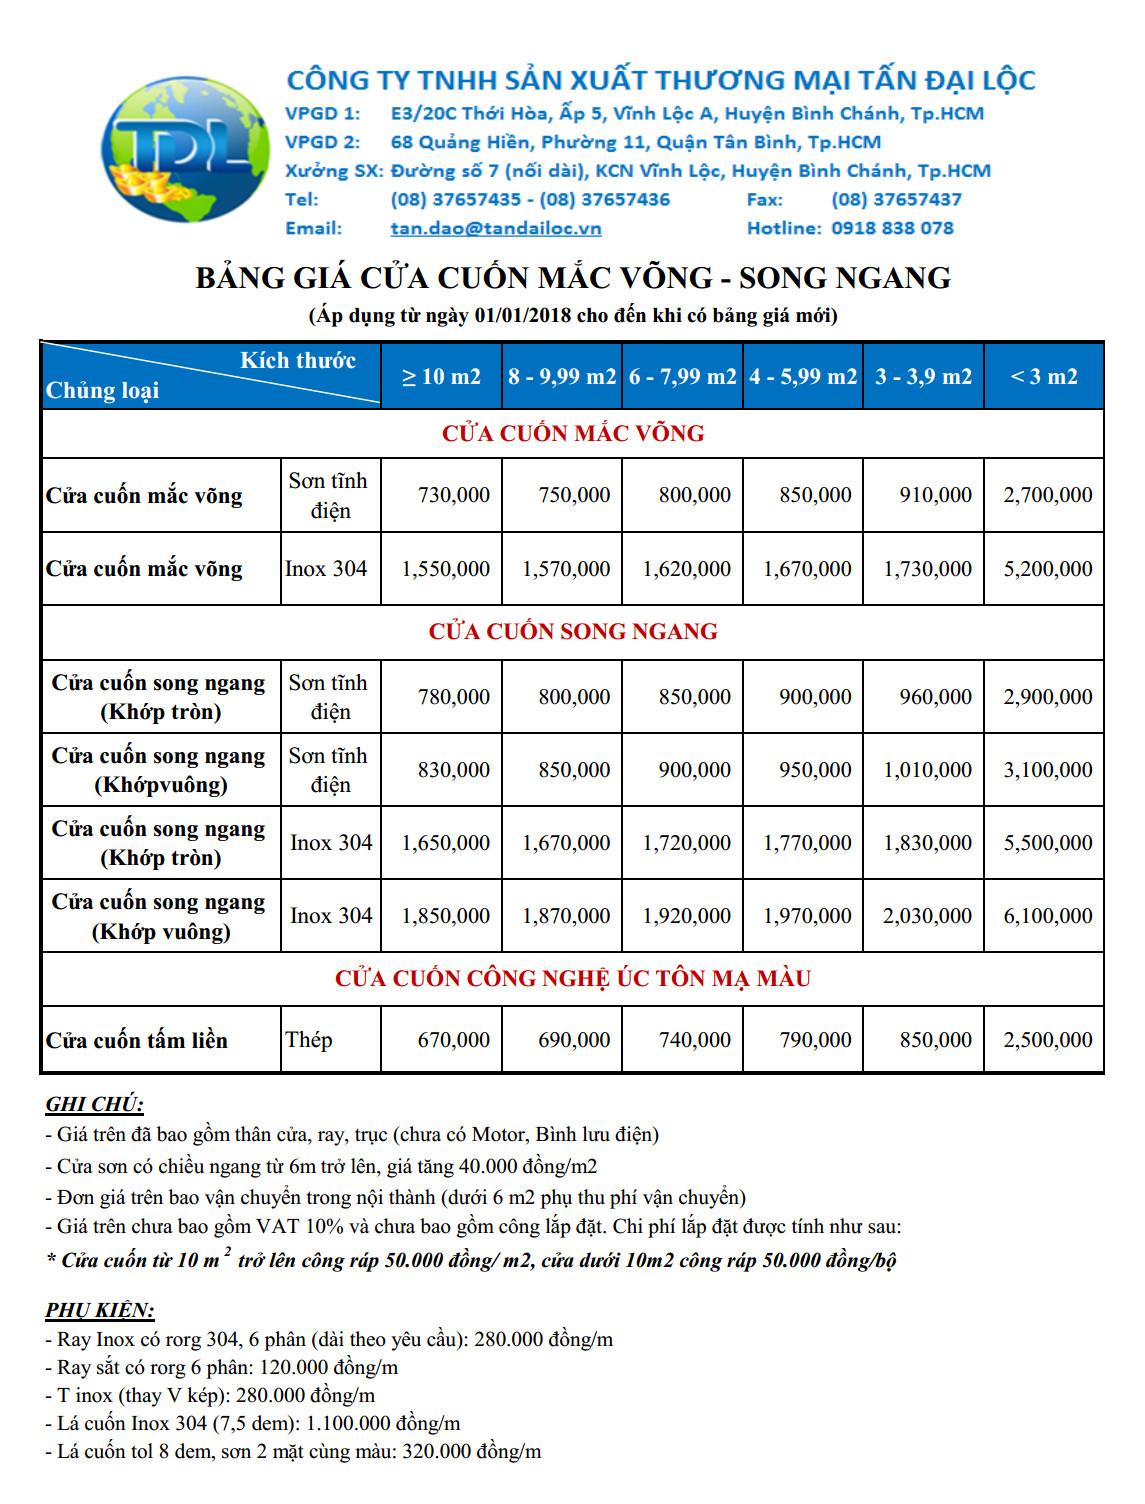 Báo giá cửa cuốn mắc võng - song ngang rẻ nhất TPHCM năm 2018